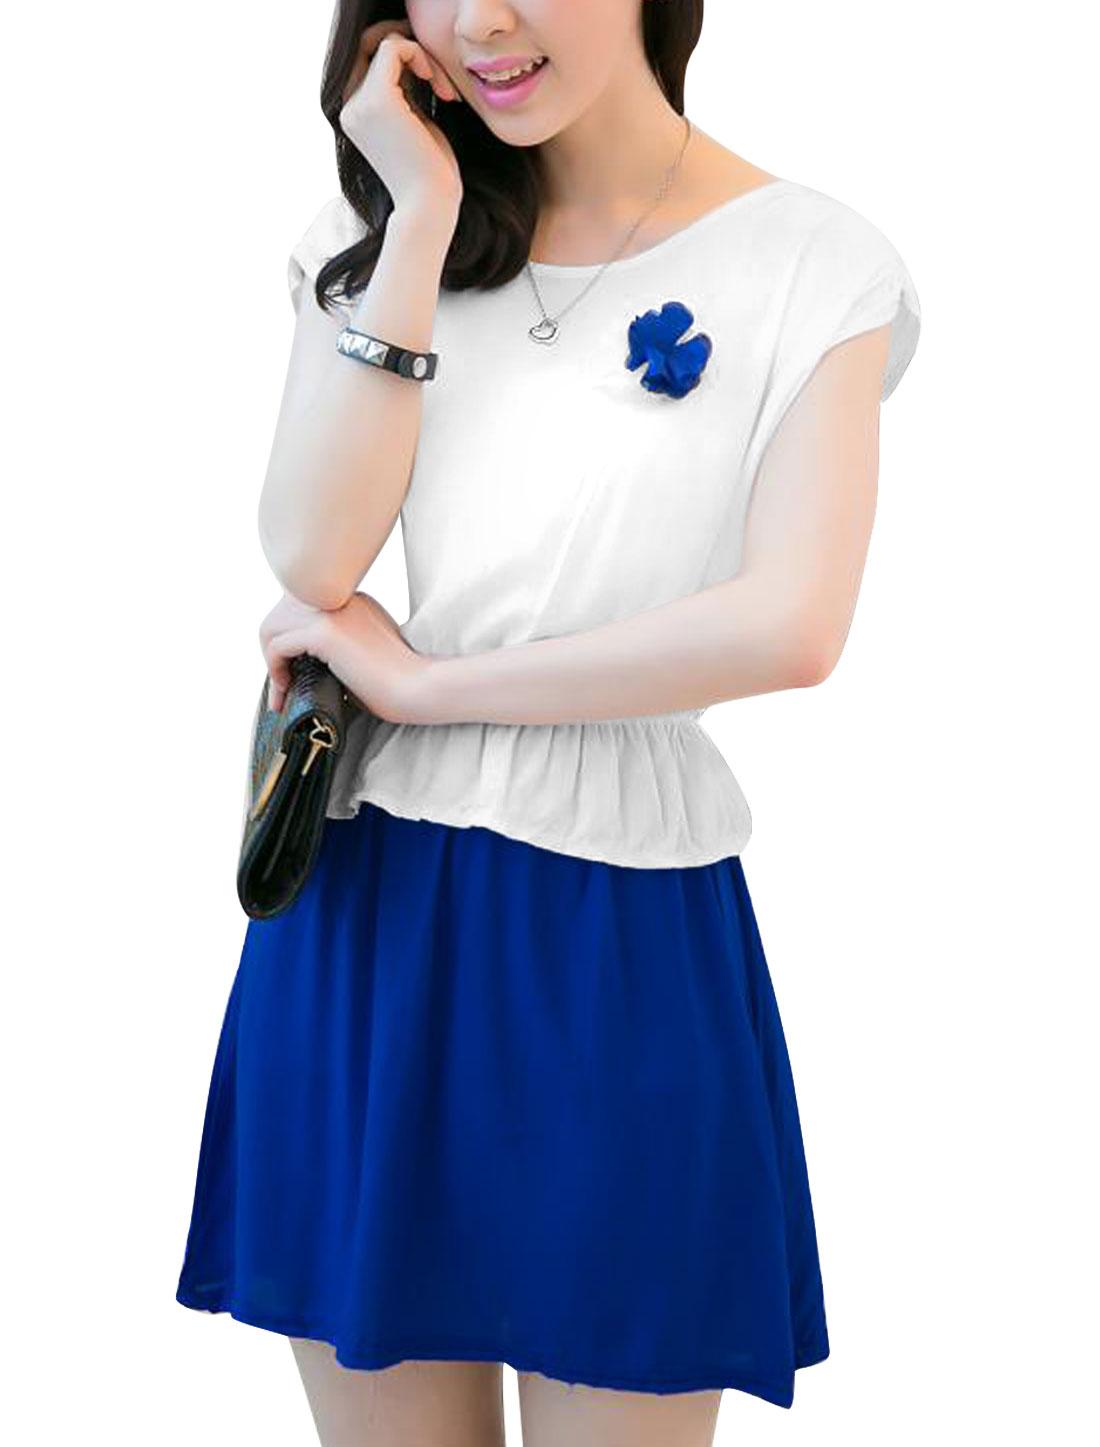 Ladies Elastic Waist Sleeveless Panel Peplum Dress White Blue XS